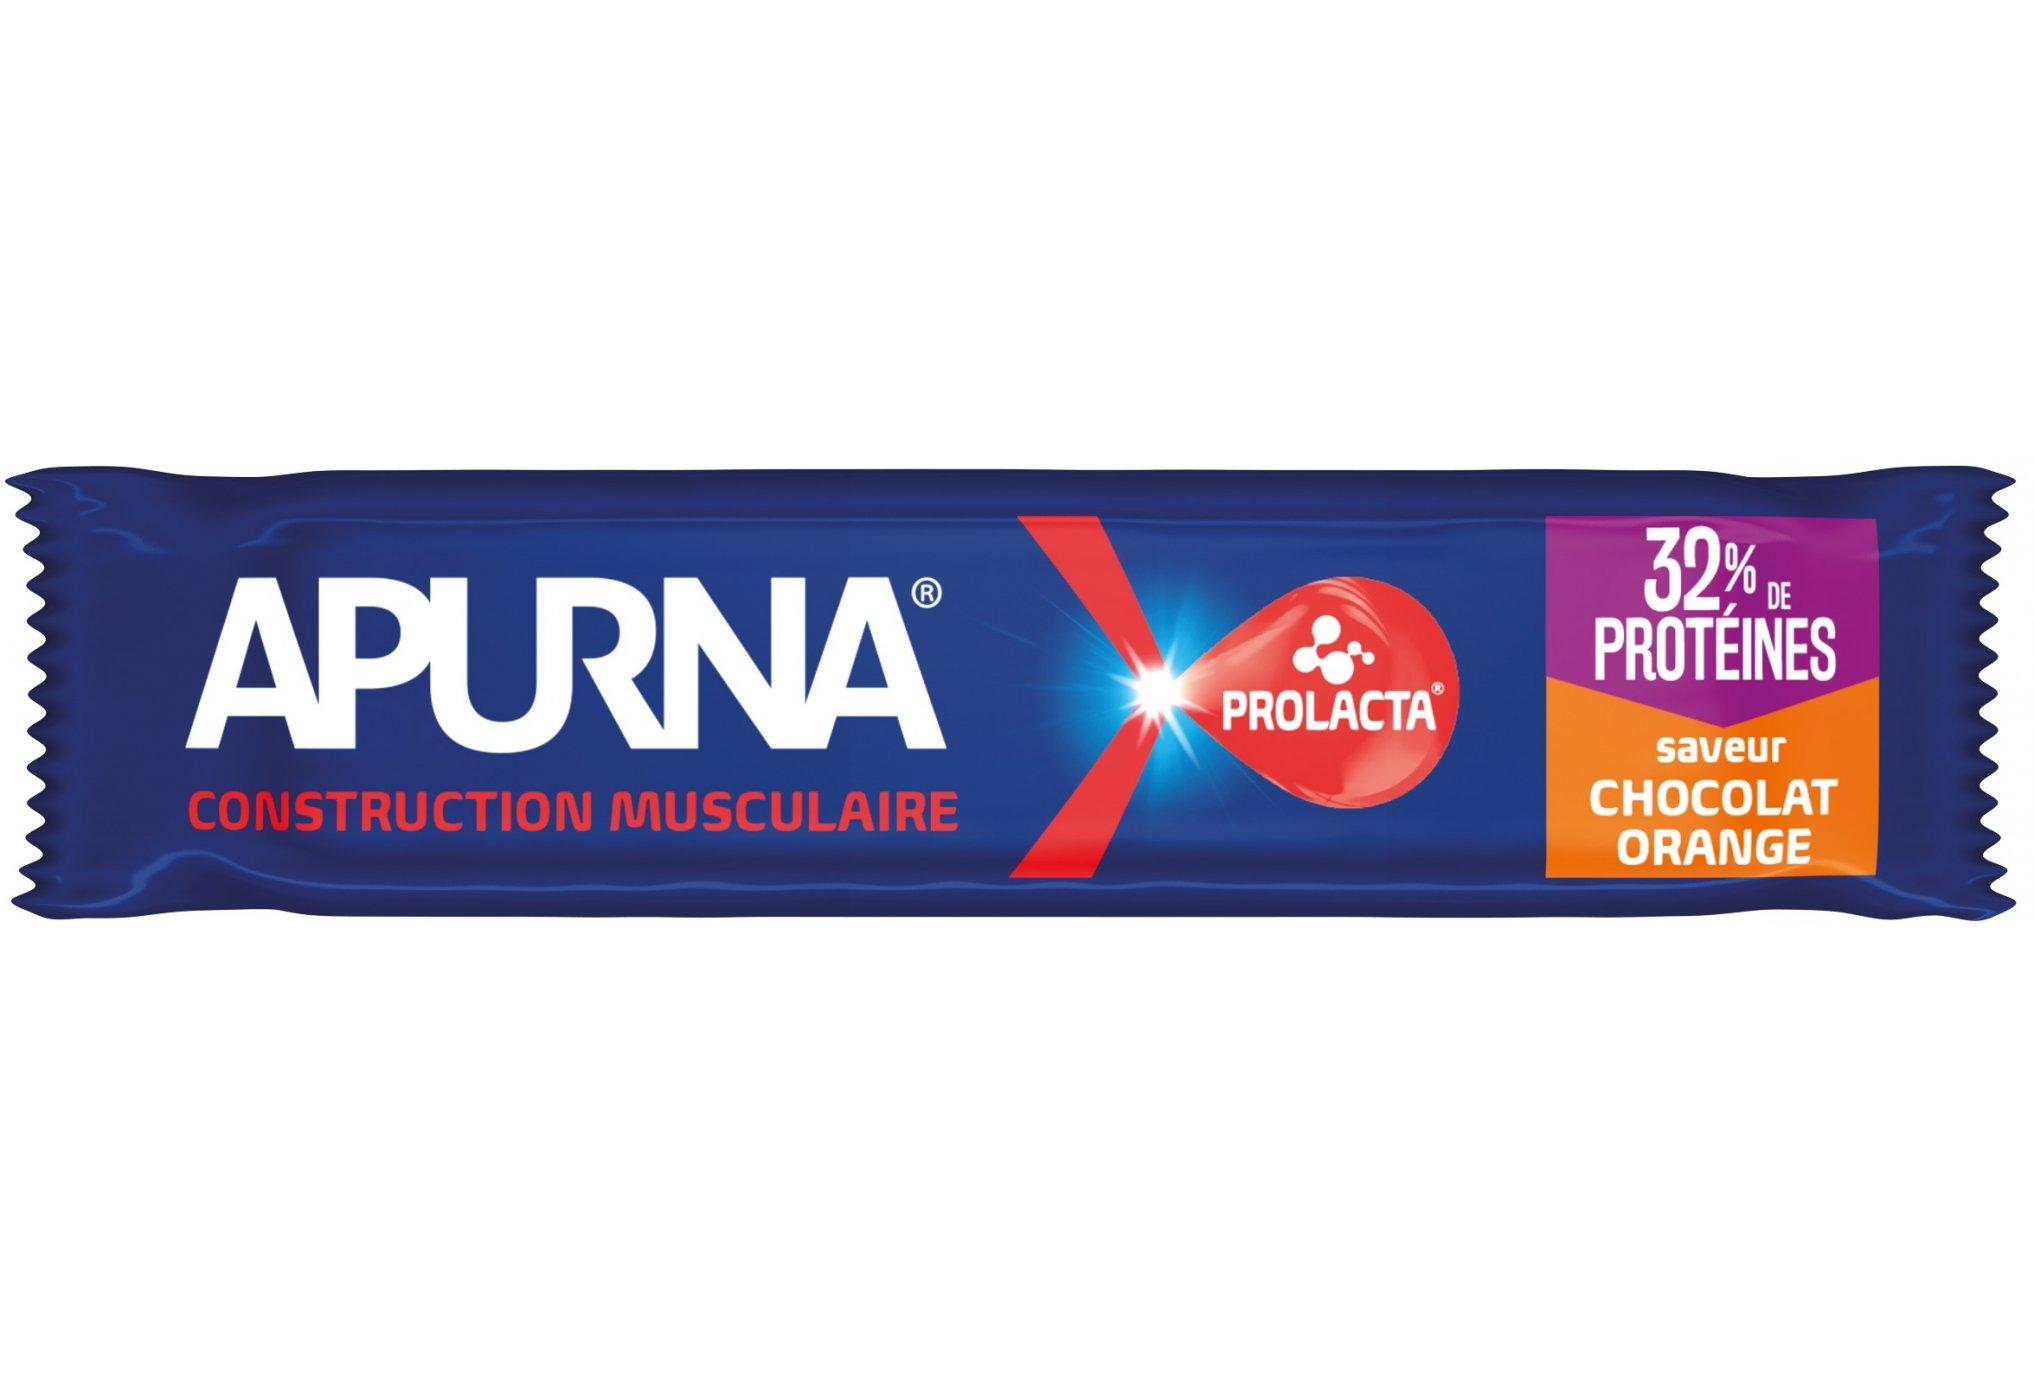 Apurna Barre Hyperprotéinée - Chocolat/Orange Diététique Protéines / récupération